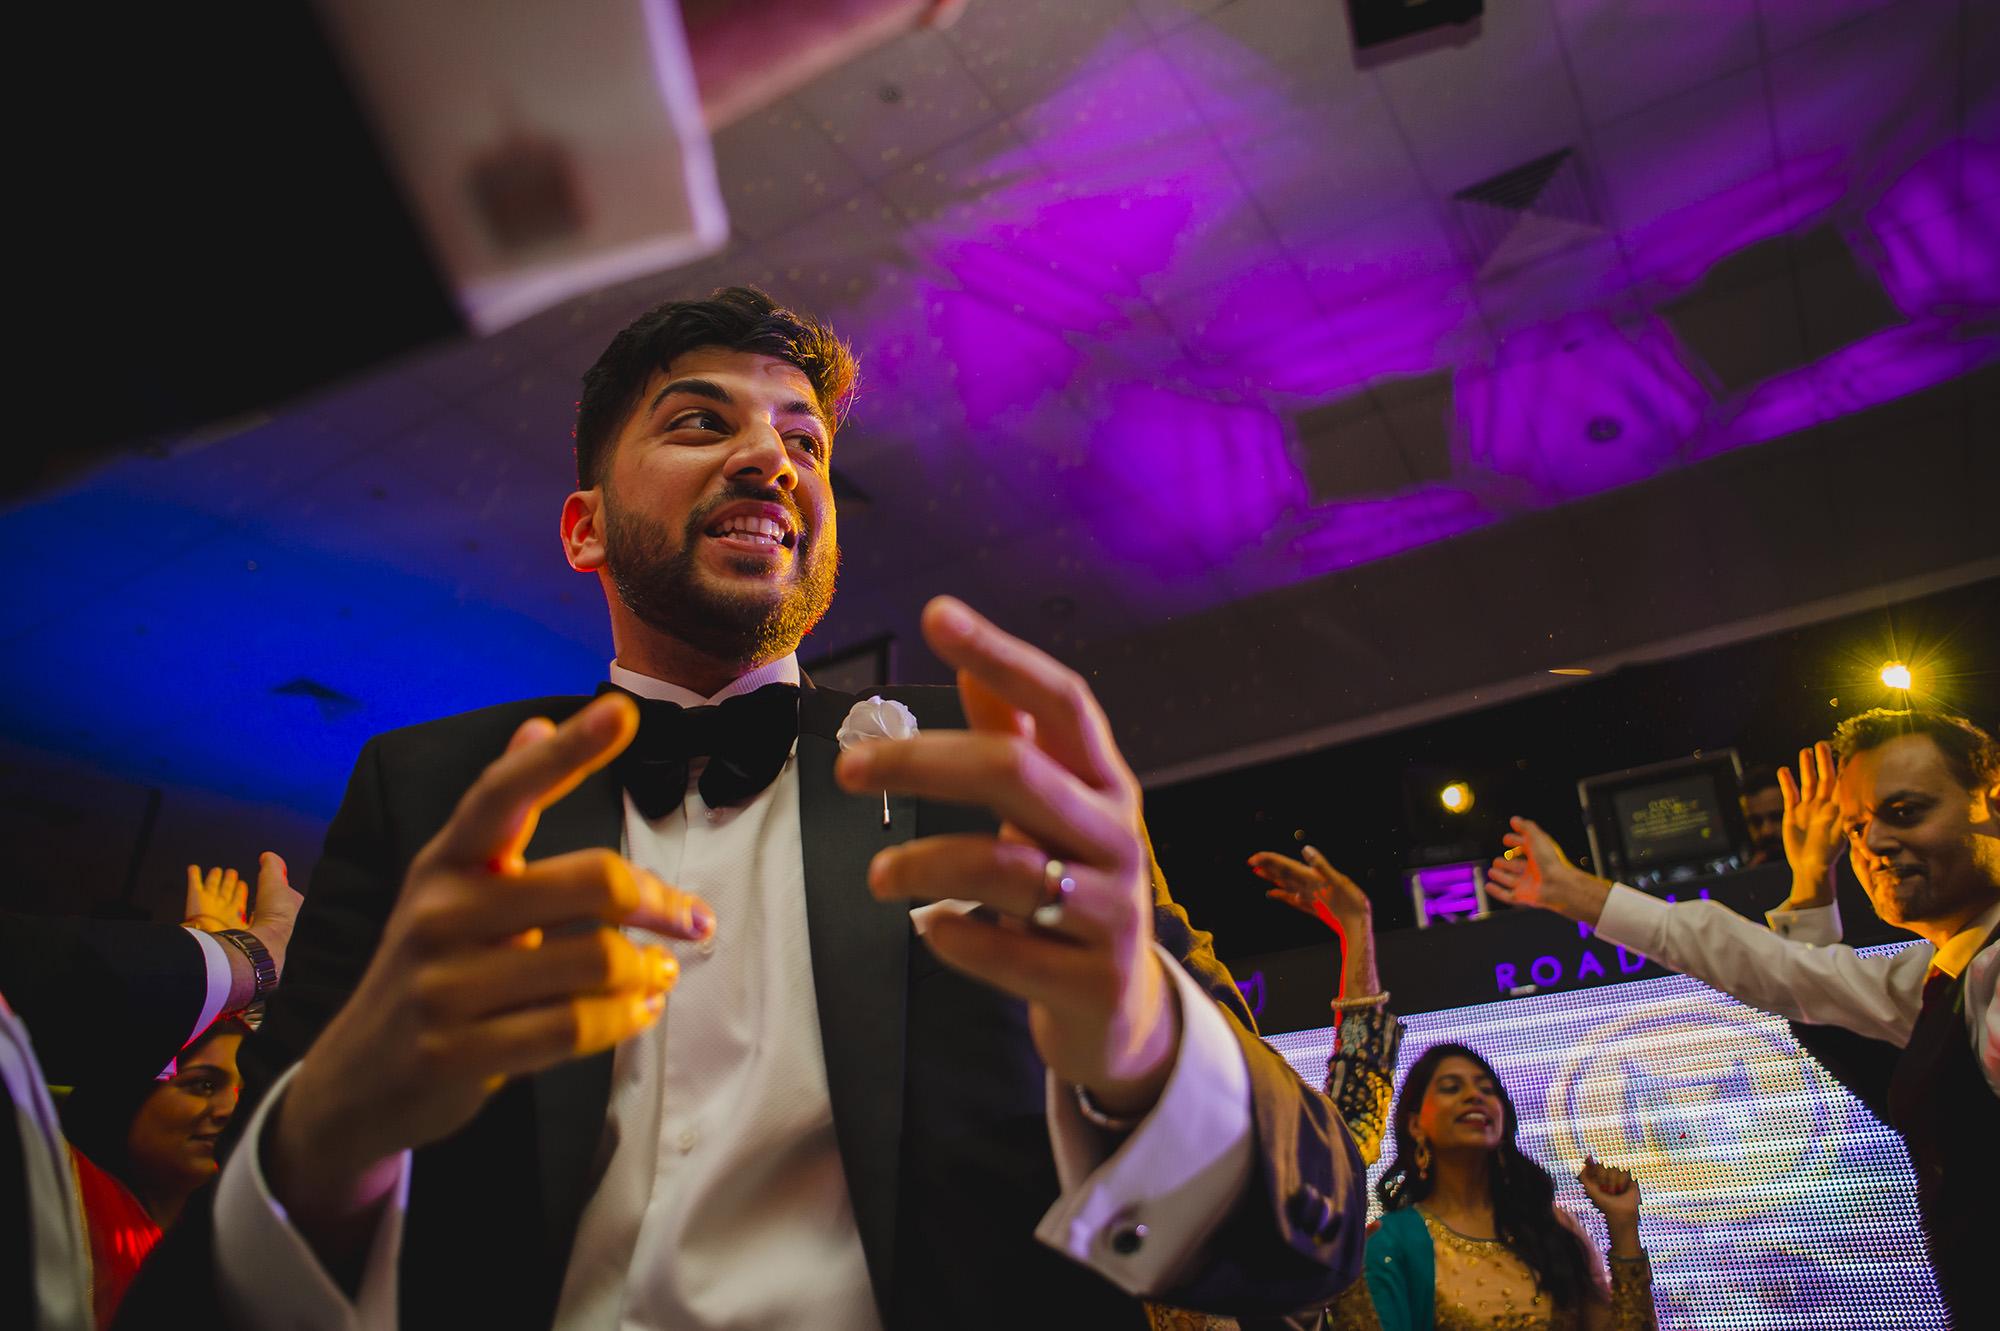 groom partying on the dancefloor